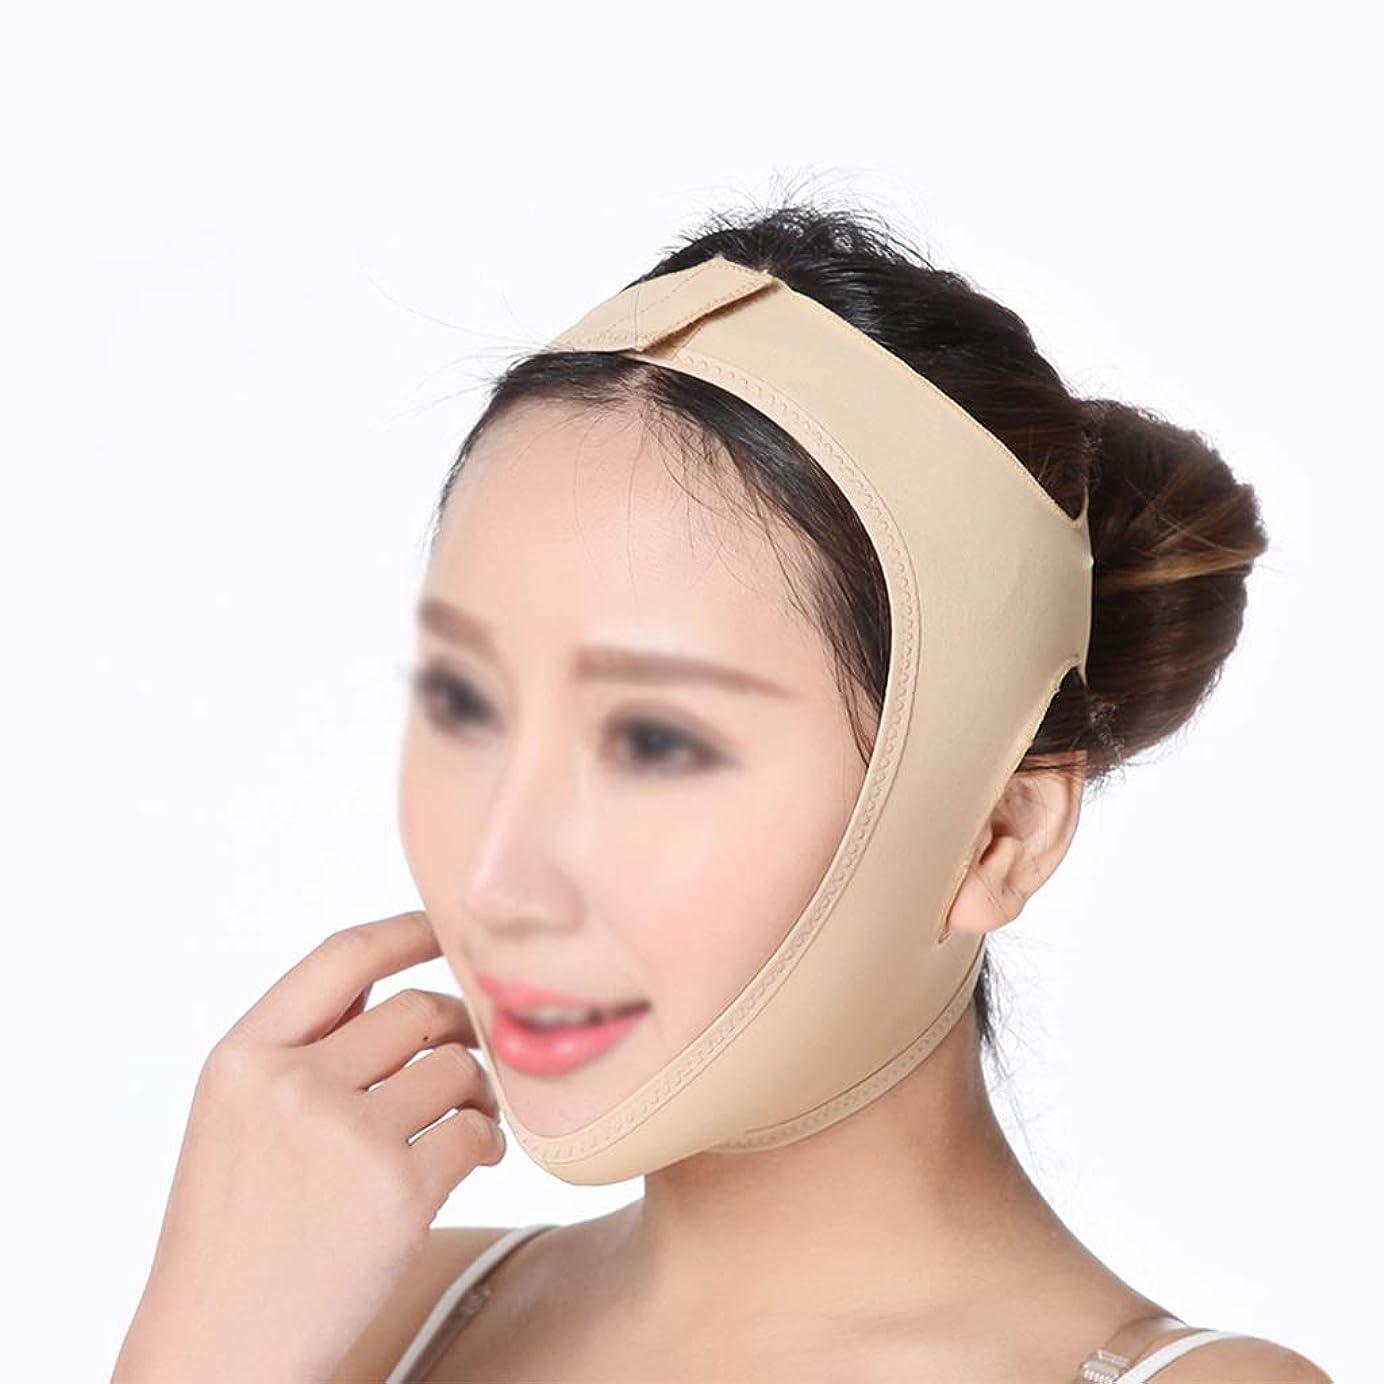 高いノミネート再発するXHLMRMJ フェイシャルチークリフティングマスク、ダブルチンとフェイス、フェイスリフト包帯を効果的に改善、ダブルチン を減らす (Size : L)